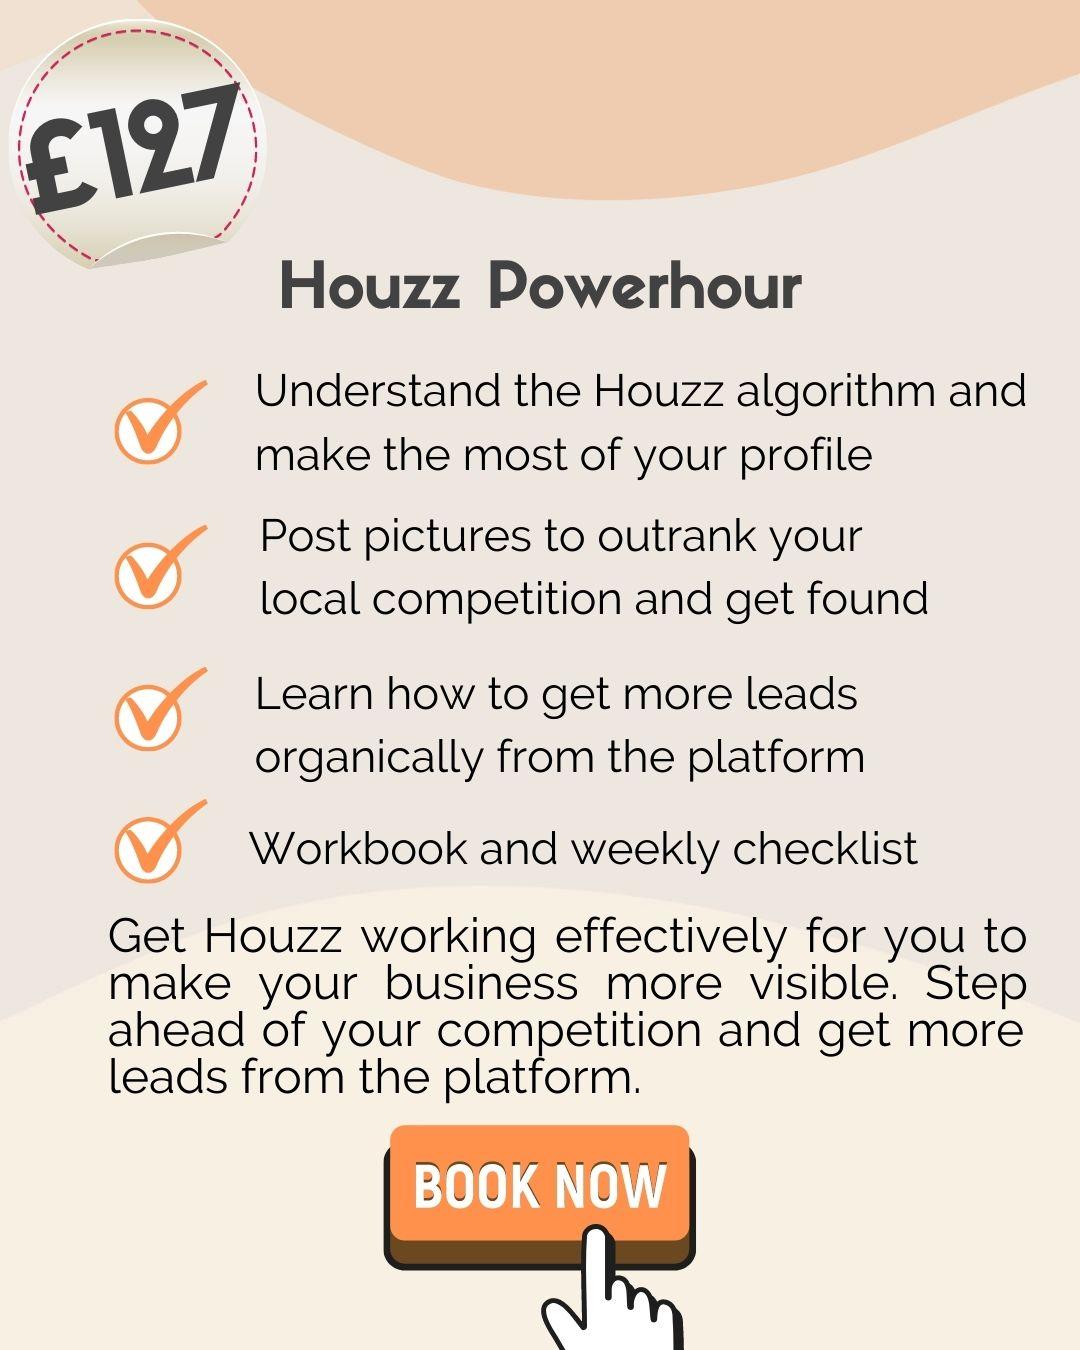 Houzz Powerhour